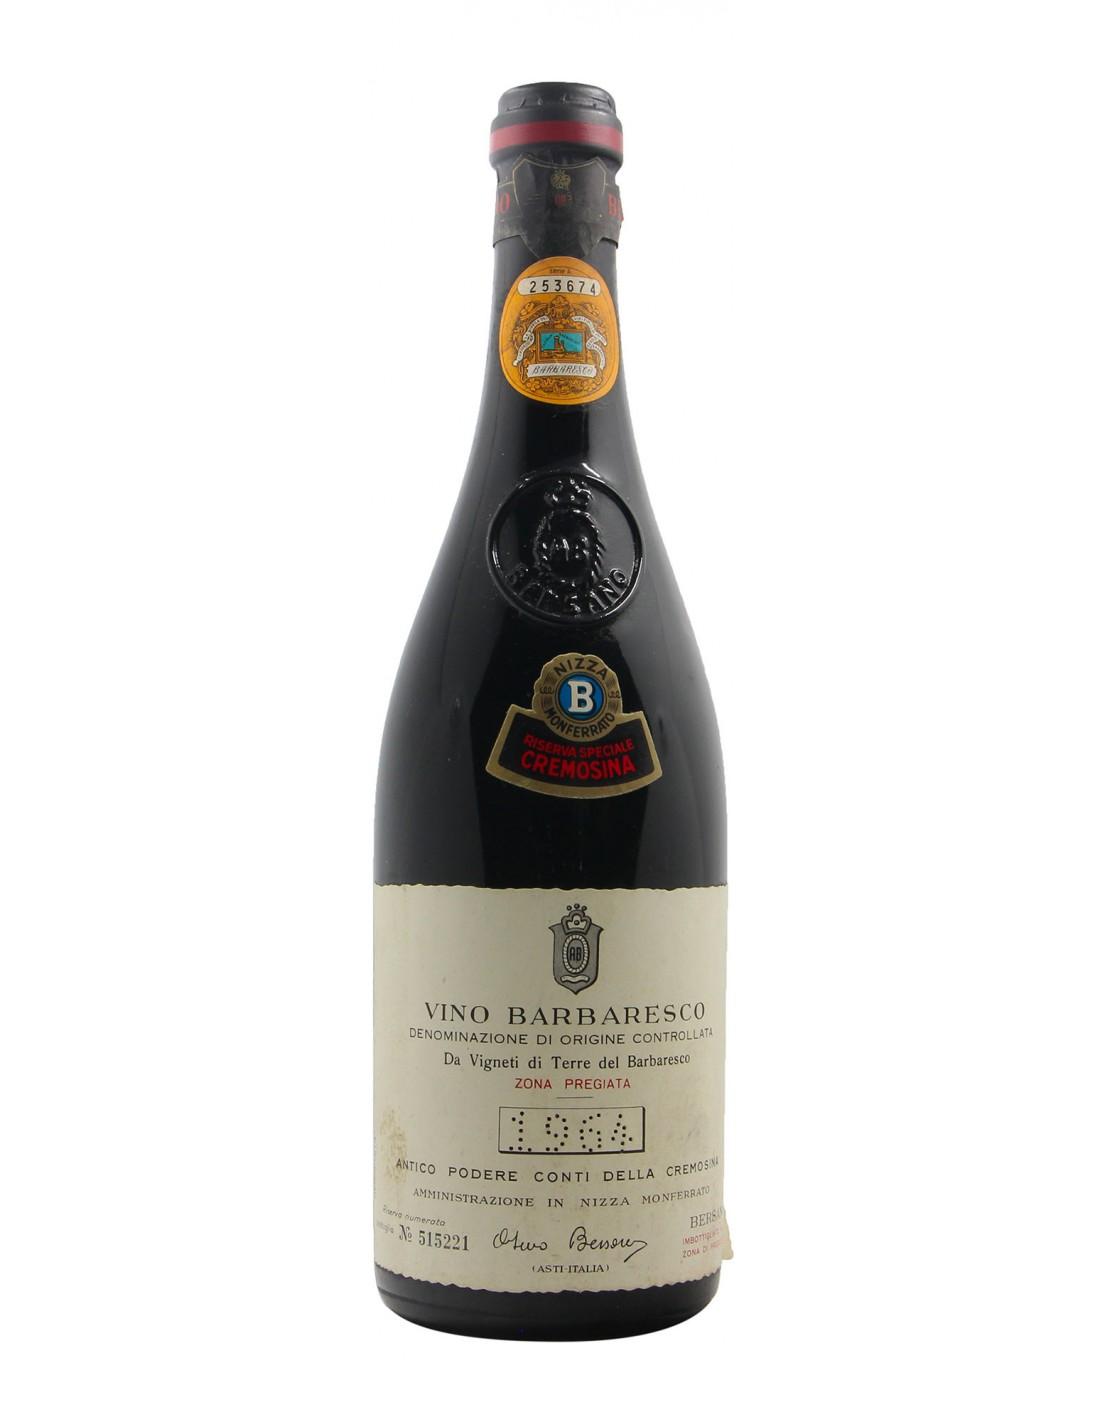 BARBARESCO RISERVA SPECIALE CREMOSINA 1964 BERSANO Grandi Bottiglie